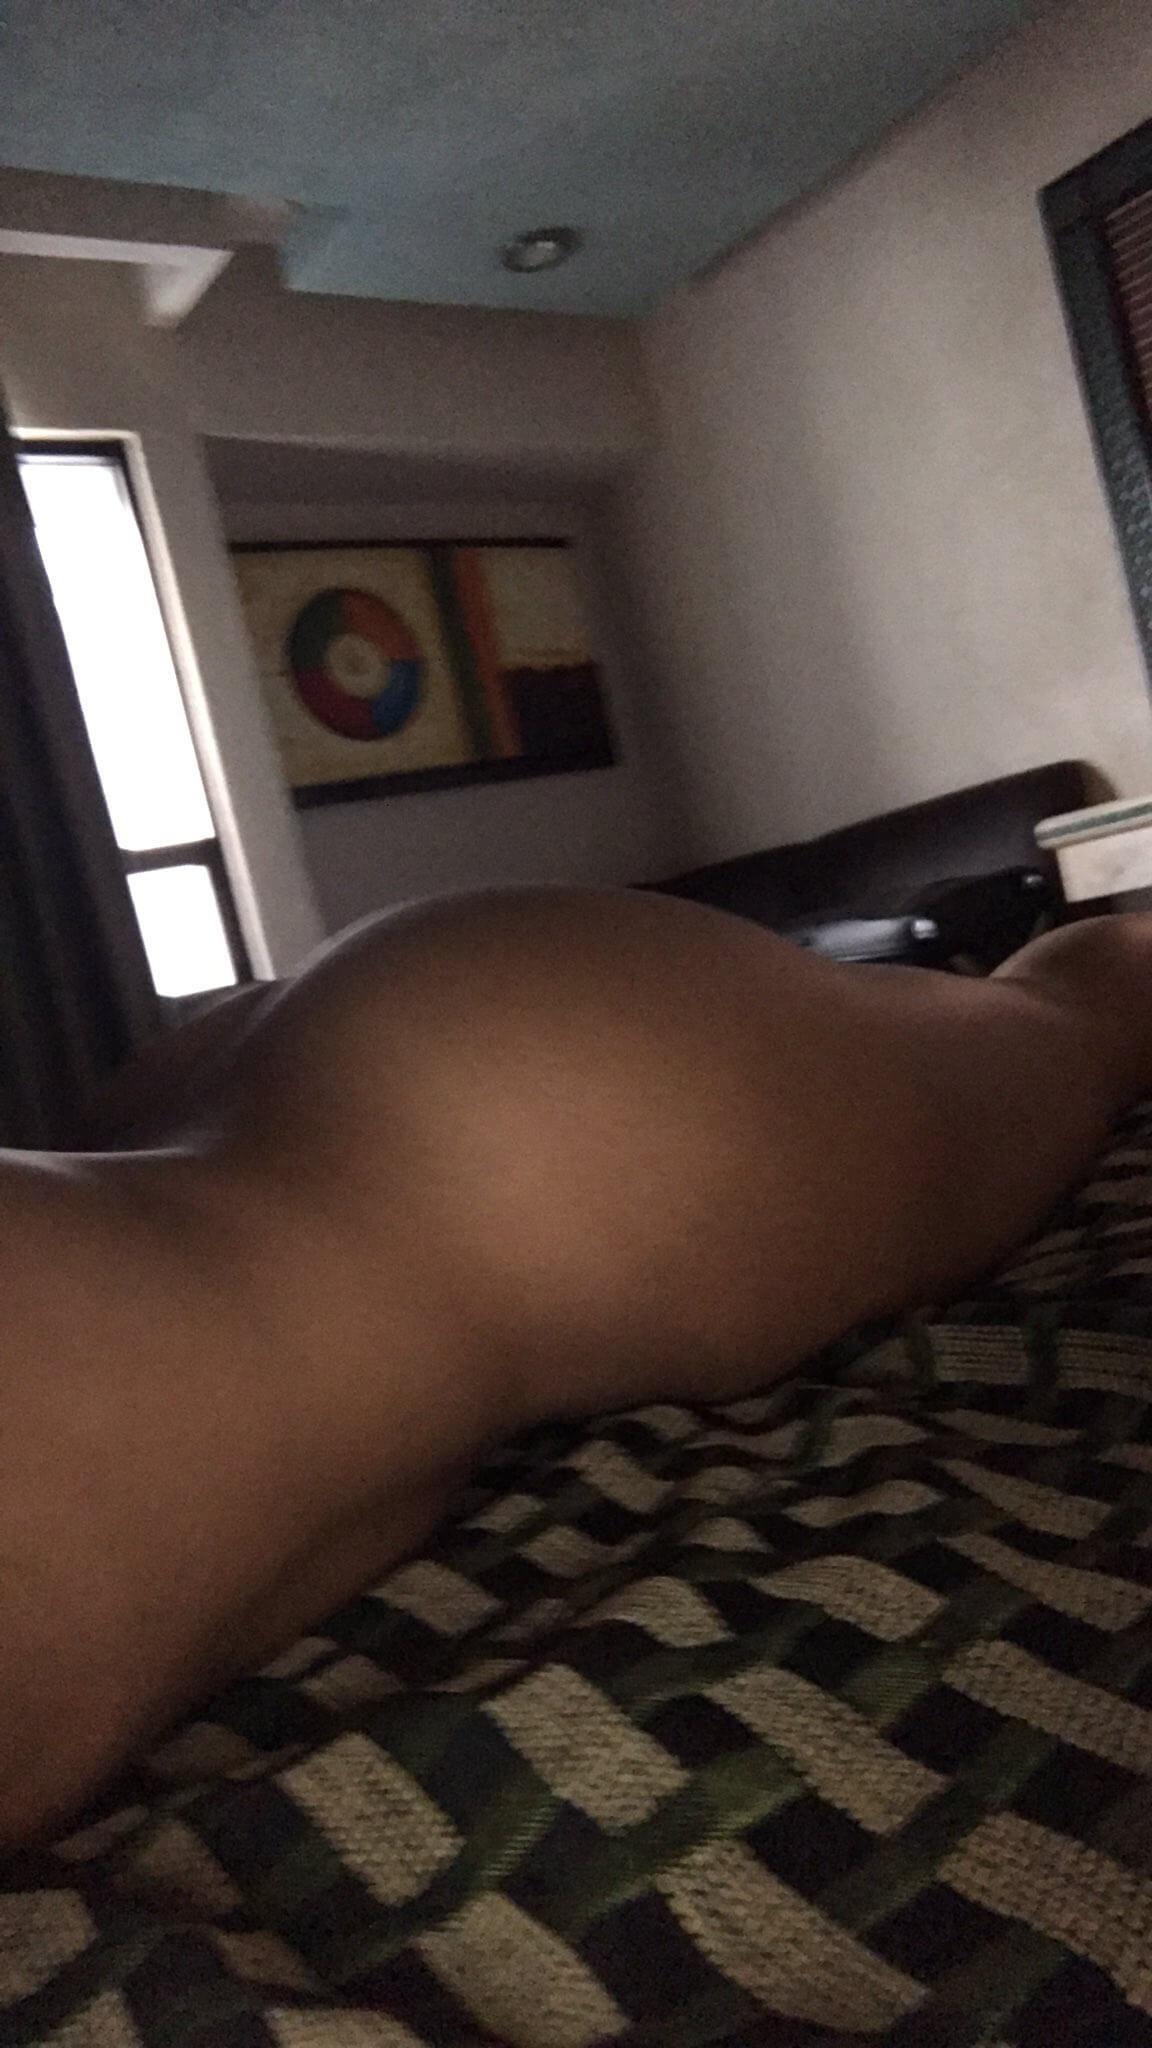 FerrattiPaola desnuda enseñando las nalgas